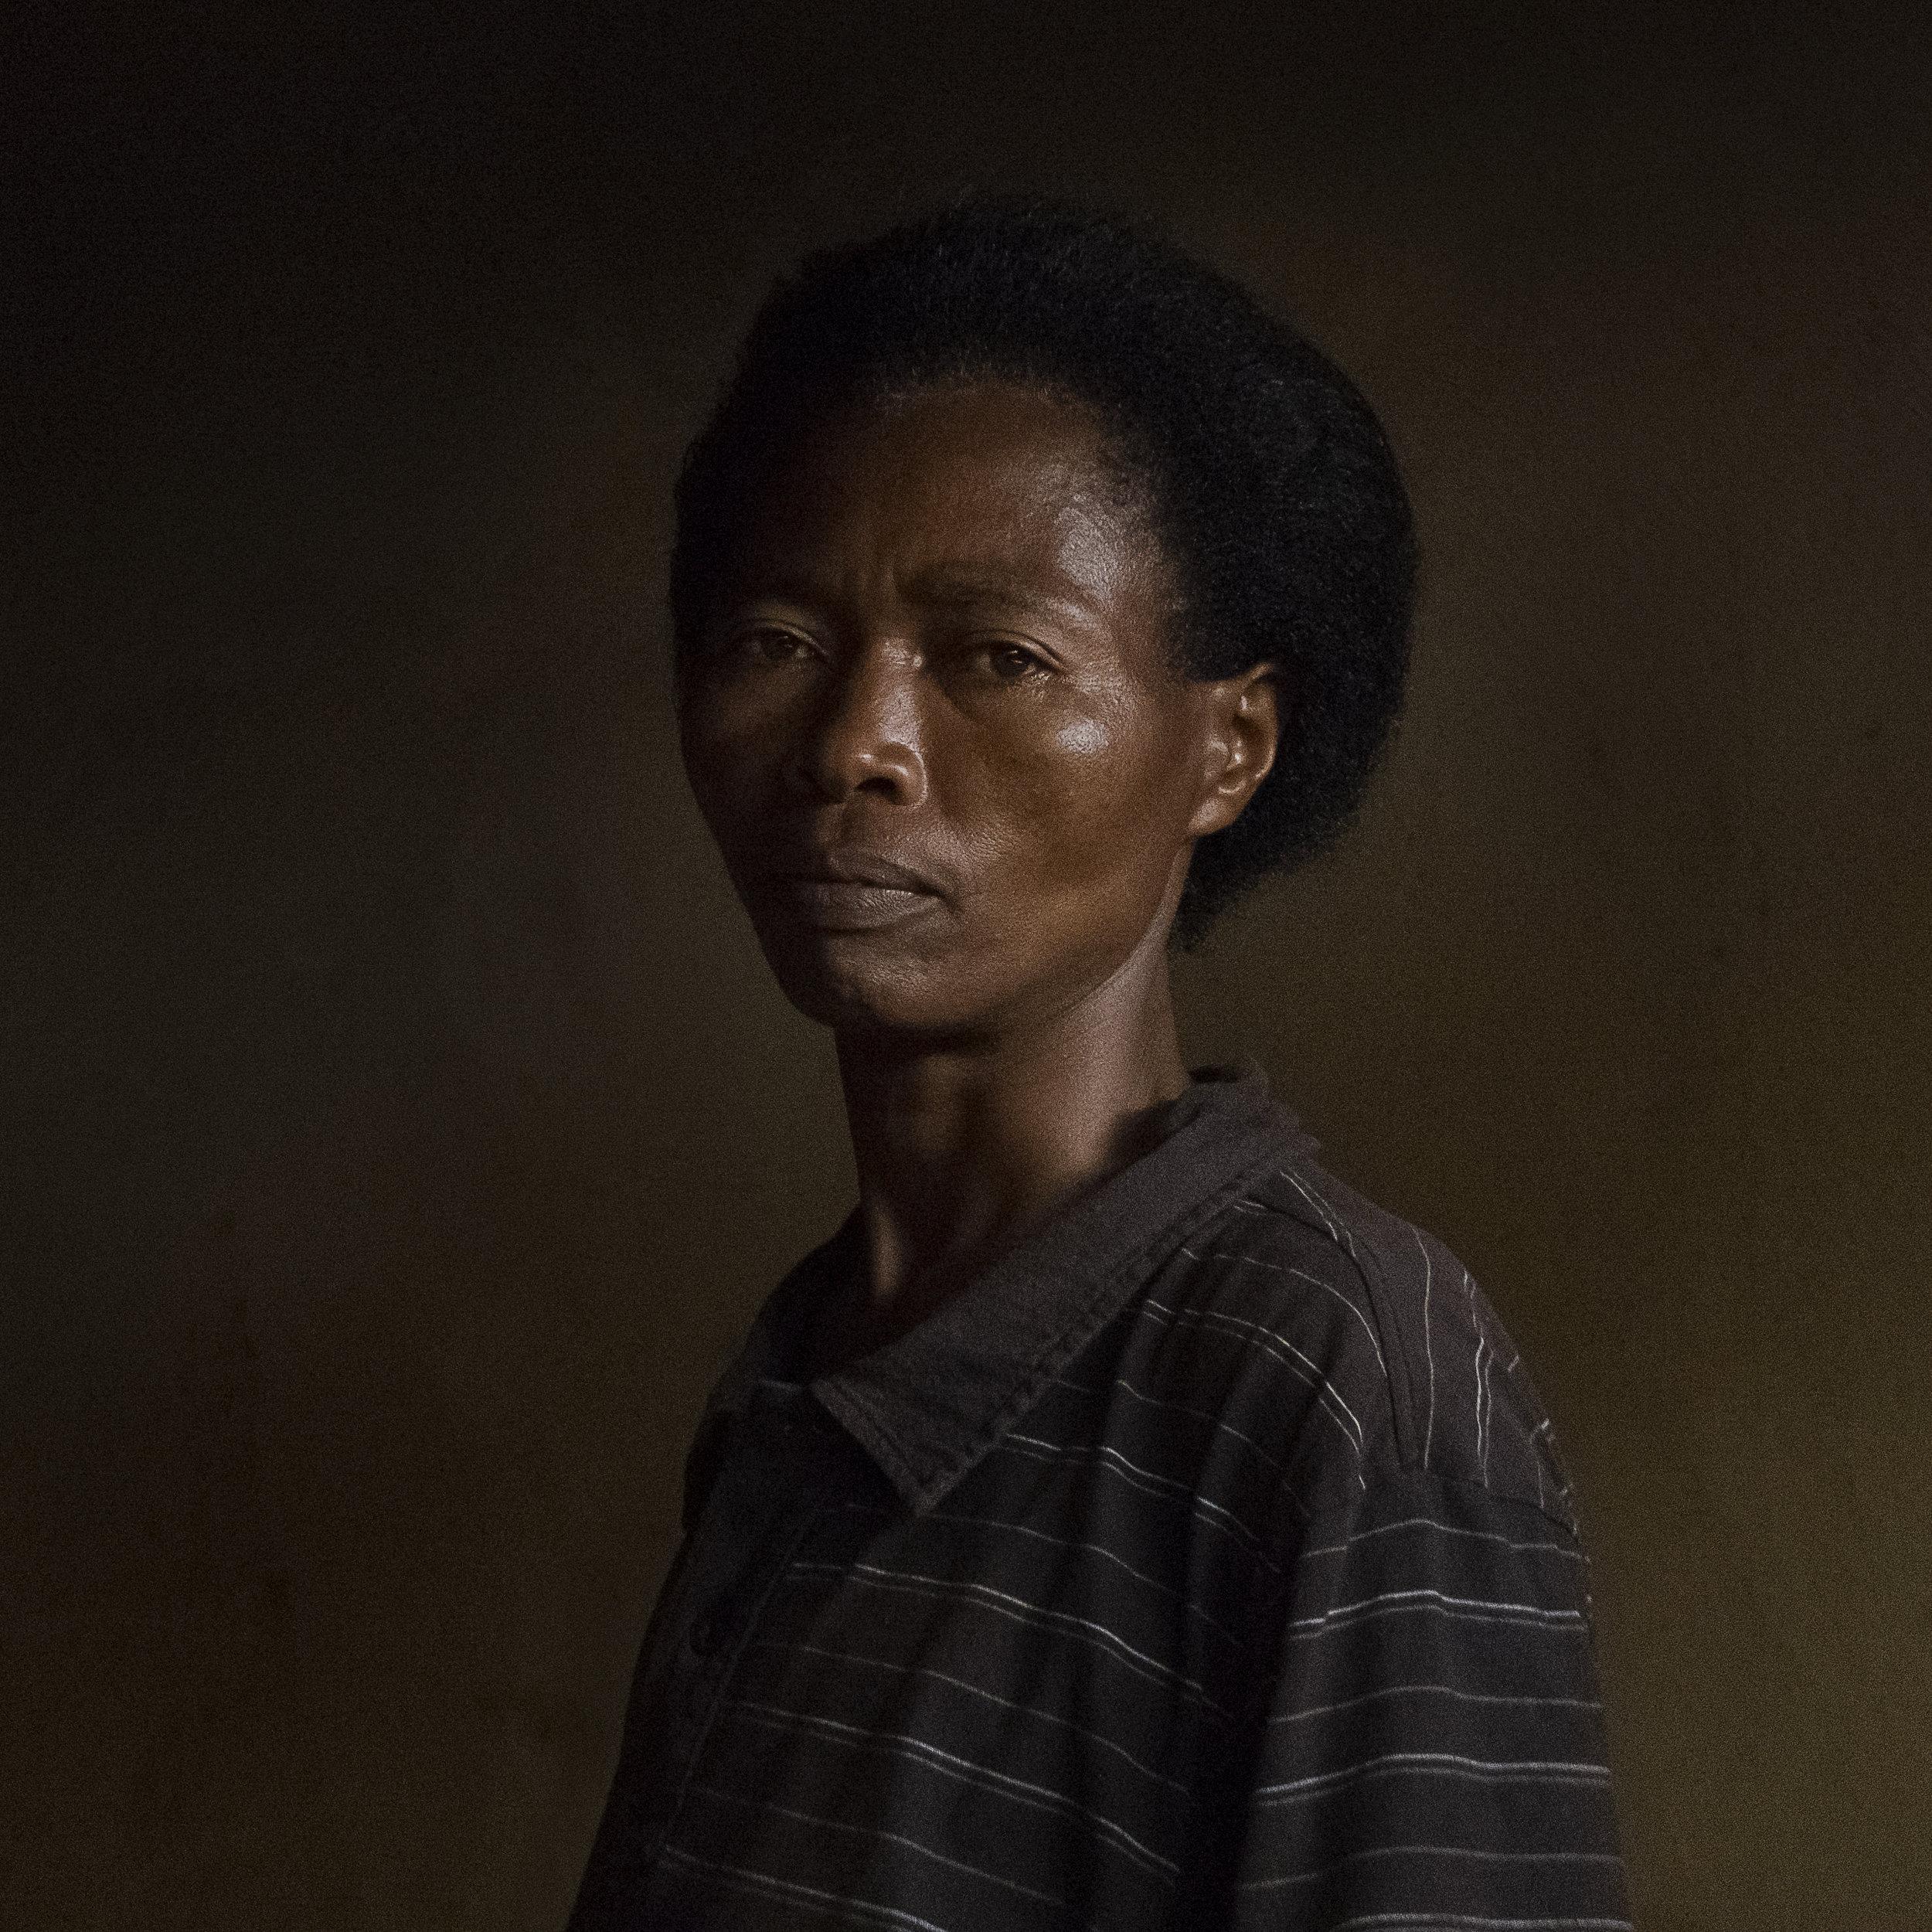 Josephine, Ibaba serie, Rutongo, Rwanda  - 2016 © Marie Moroni